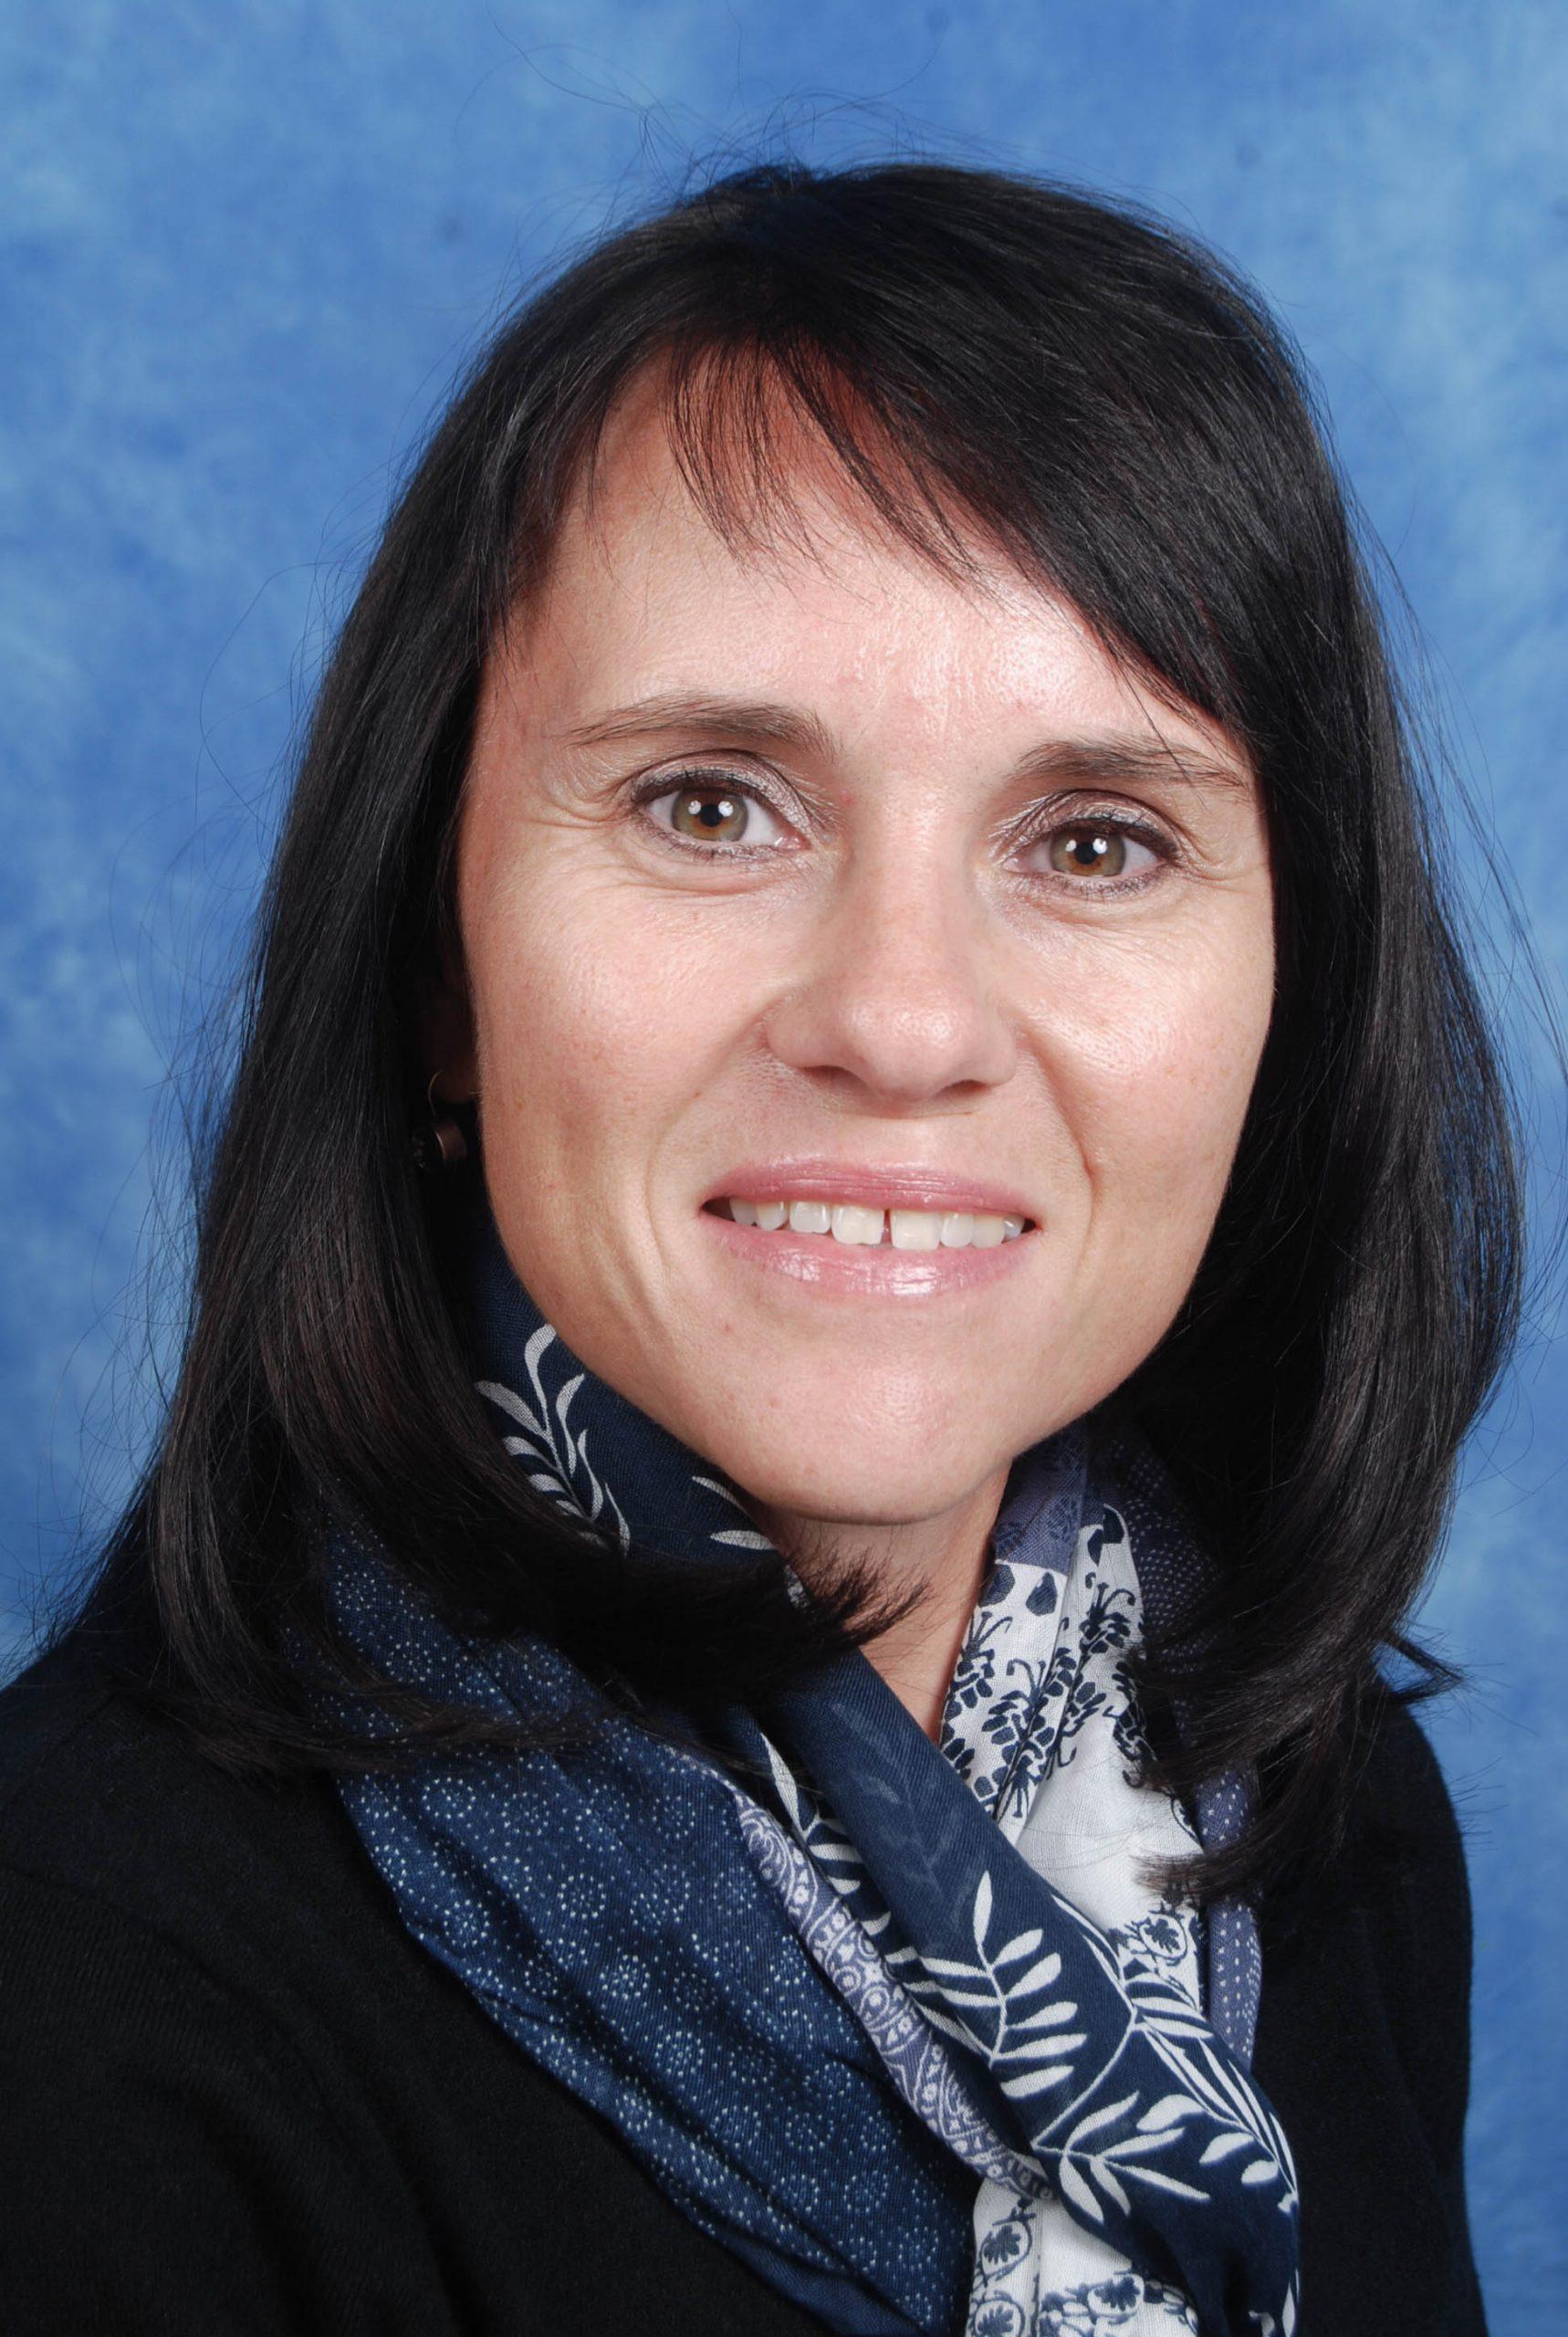 Lizette Carstens